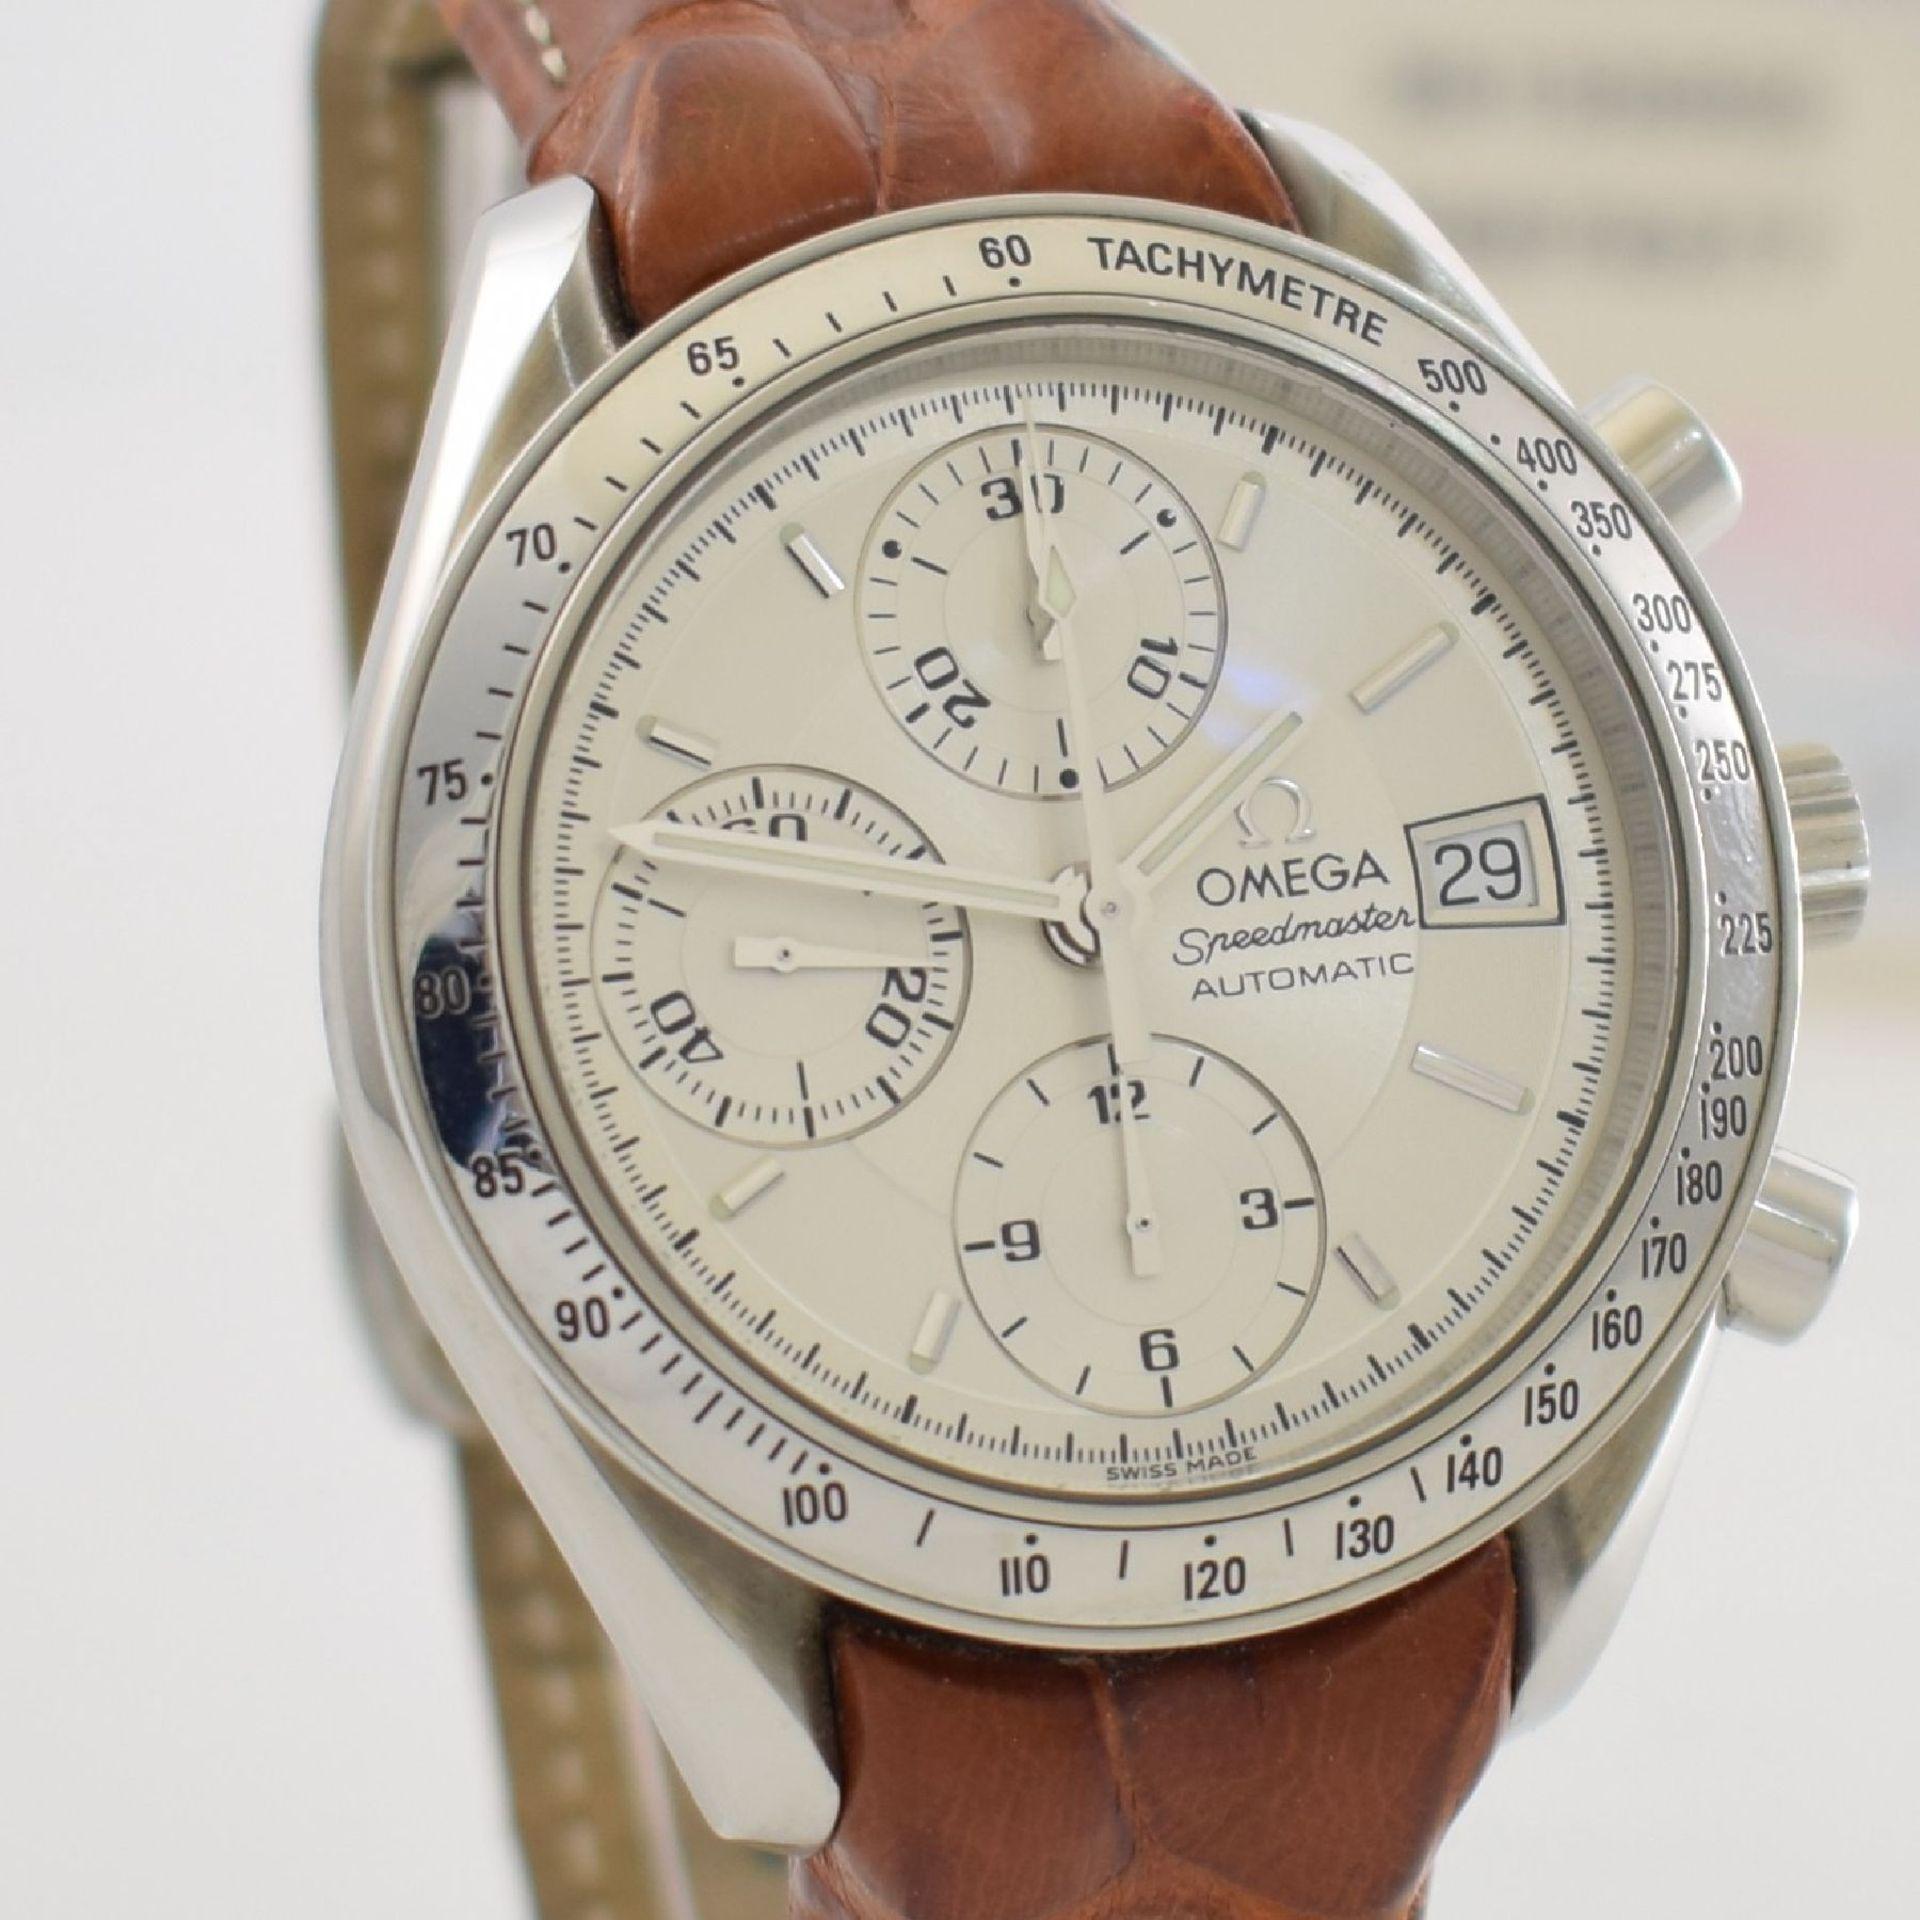 OMEGA Armbandchronograph Serie Speedmaster, Automatik, Schweiz um 1998, Ref. 1750083/3750083, - Bild 7 aus 8